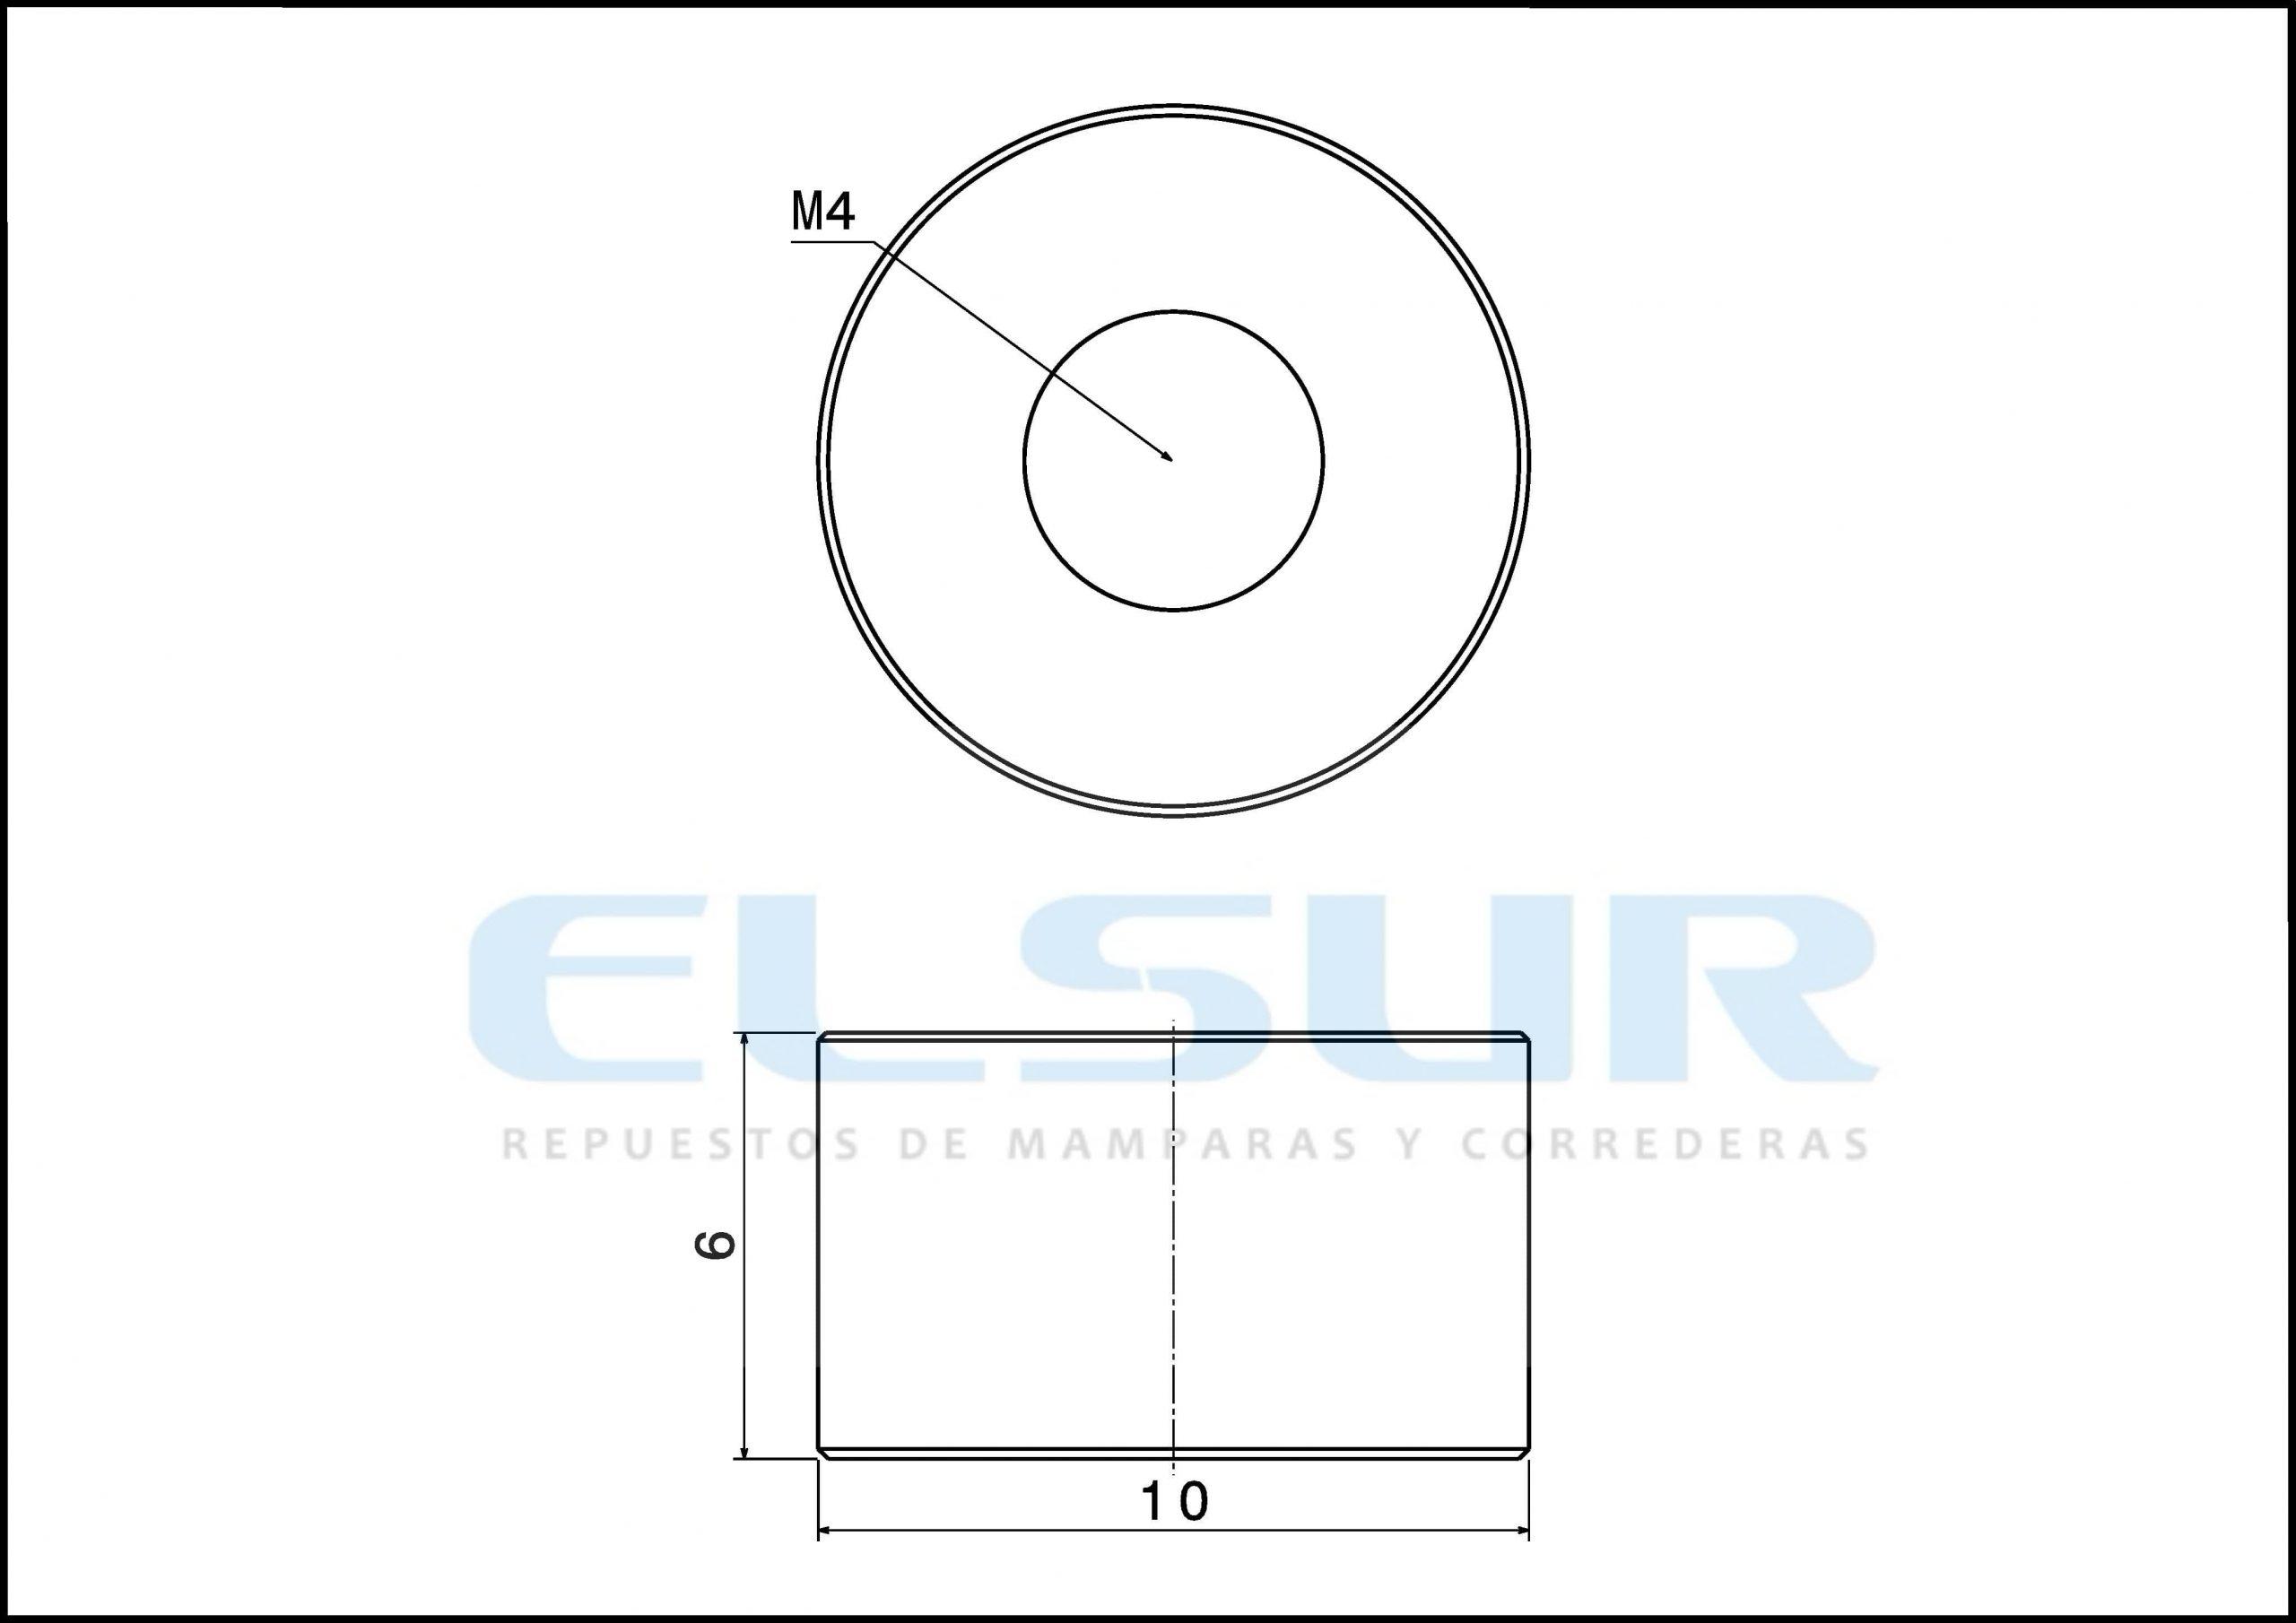 Casquillo 6 mm, con arandela y tornillo métrica 4×12